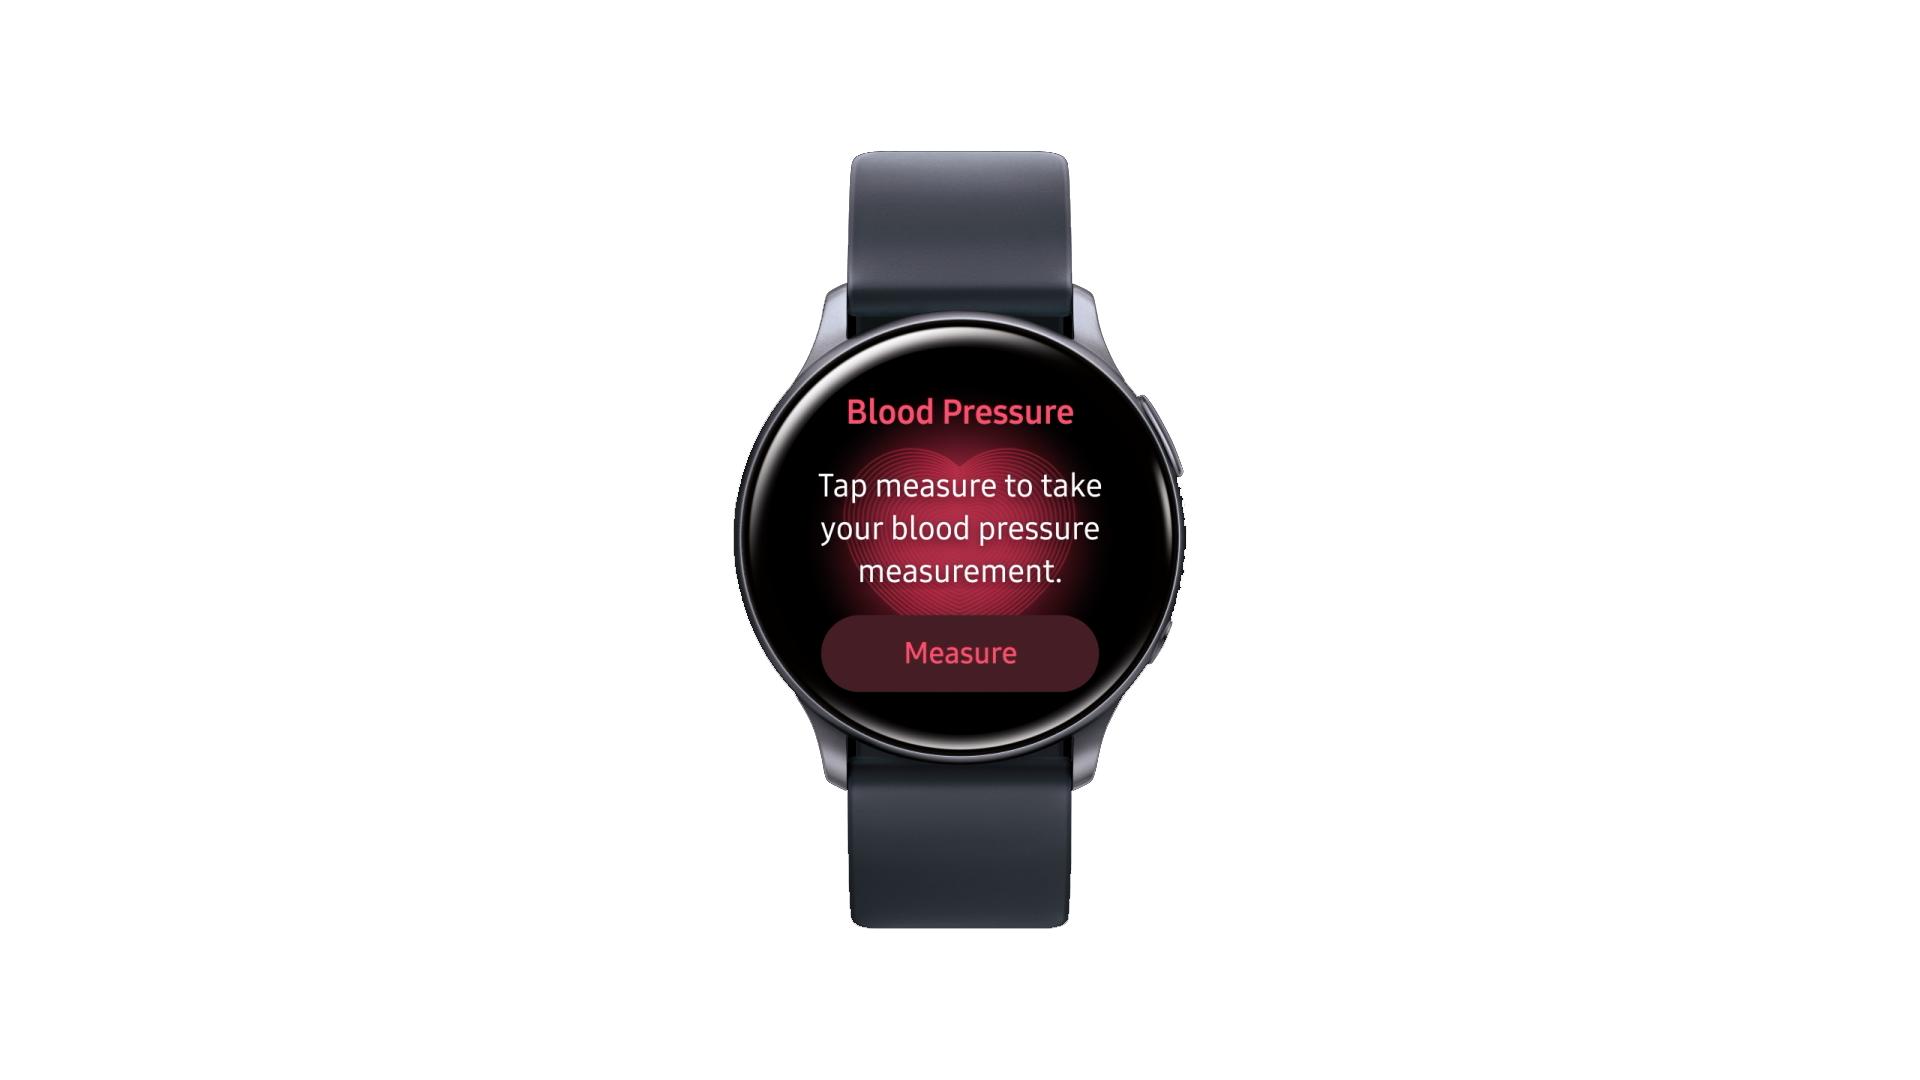 Приложение Samsung Health Monitor для измерения давления получило одобрение Министерства продовольственной безопасности и лекарственных средств Южной Кореи